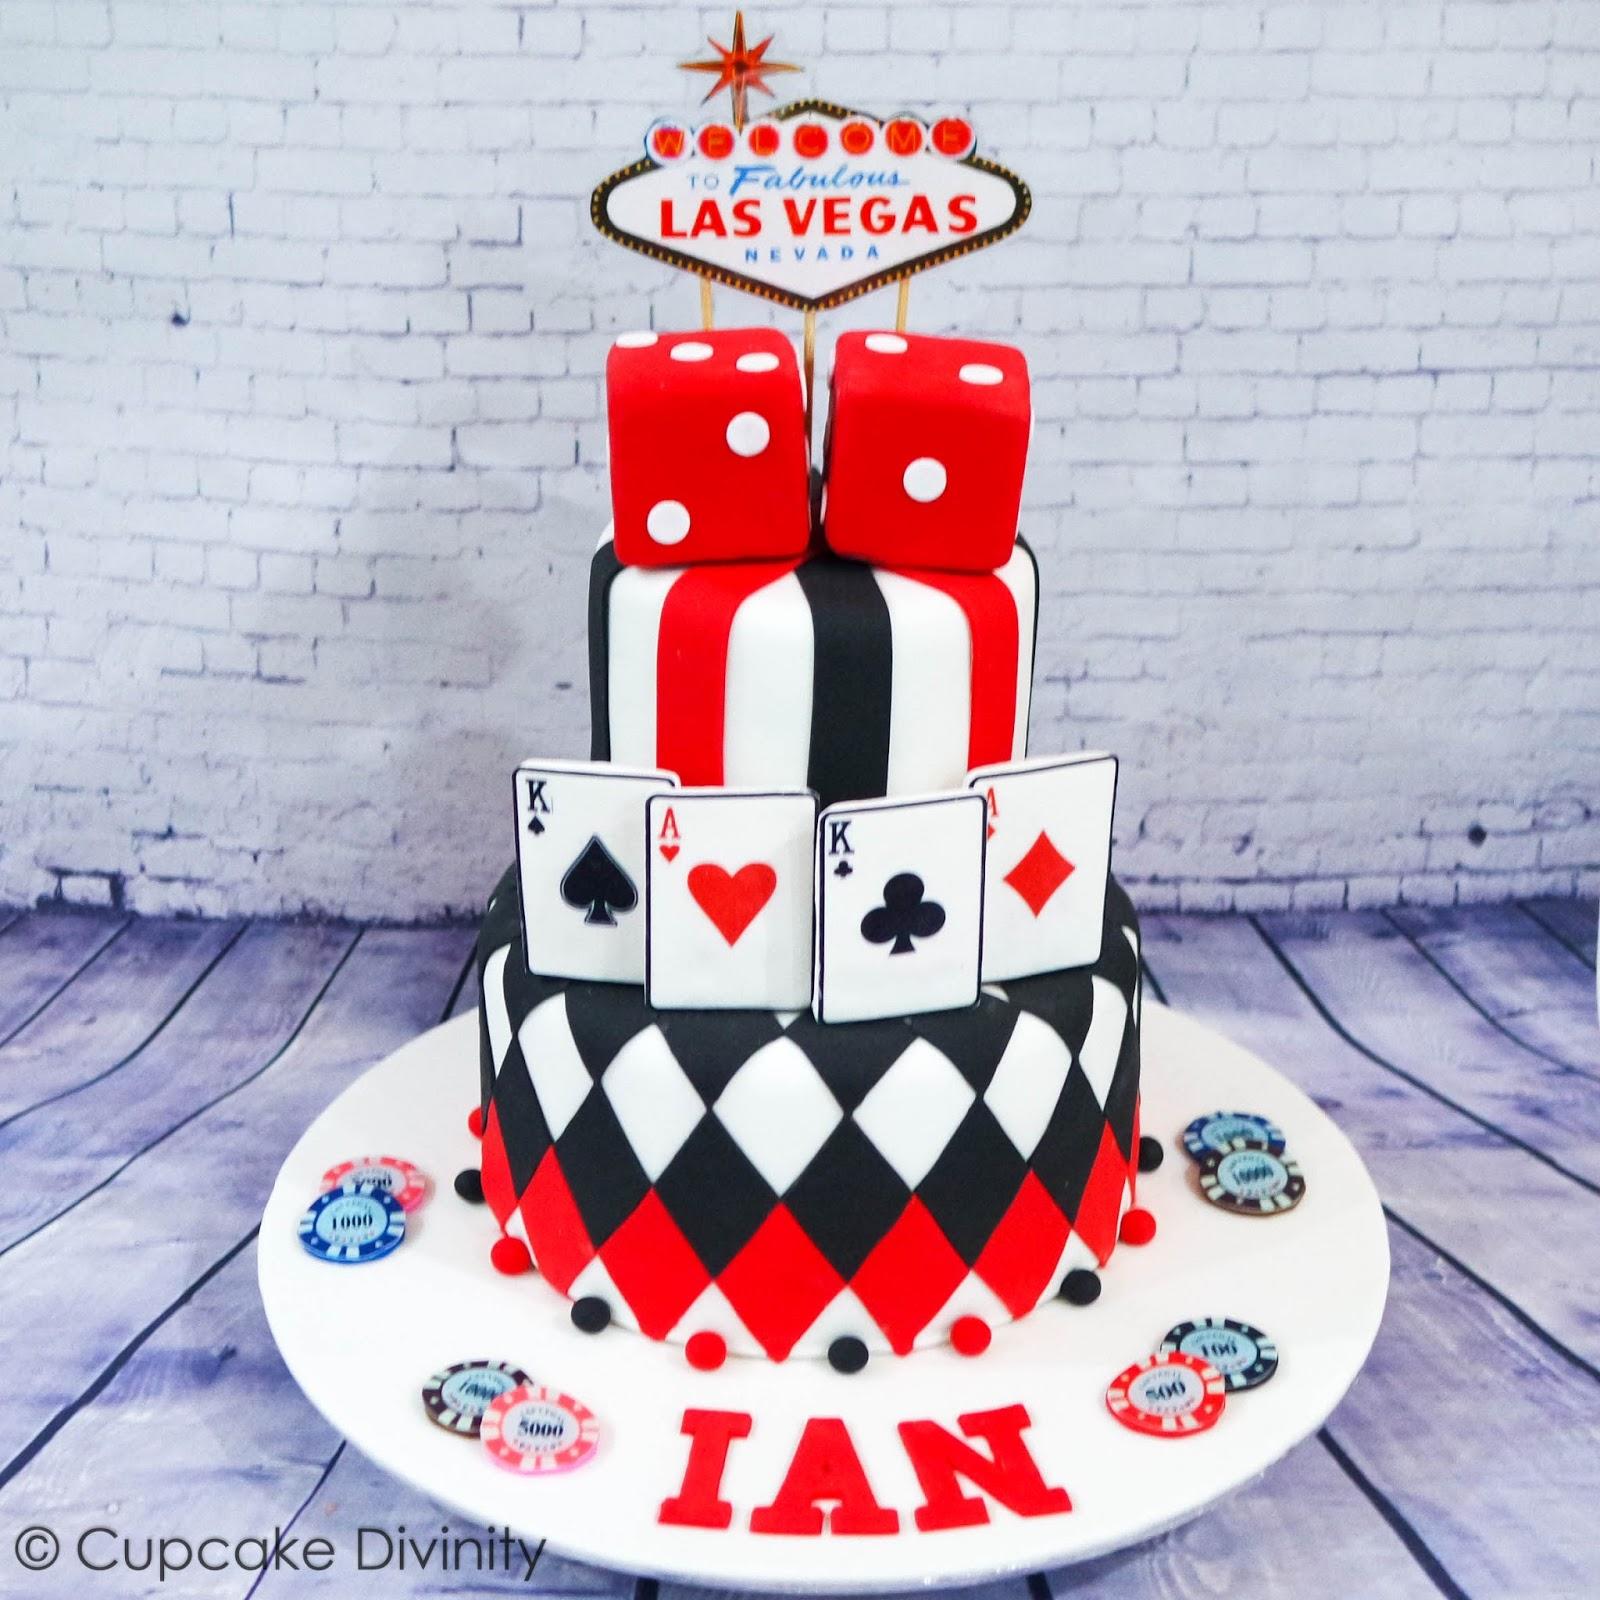 Cupcake Divinity Las Vegas Casino Themed Cake